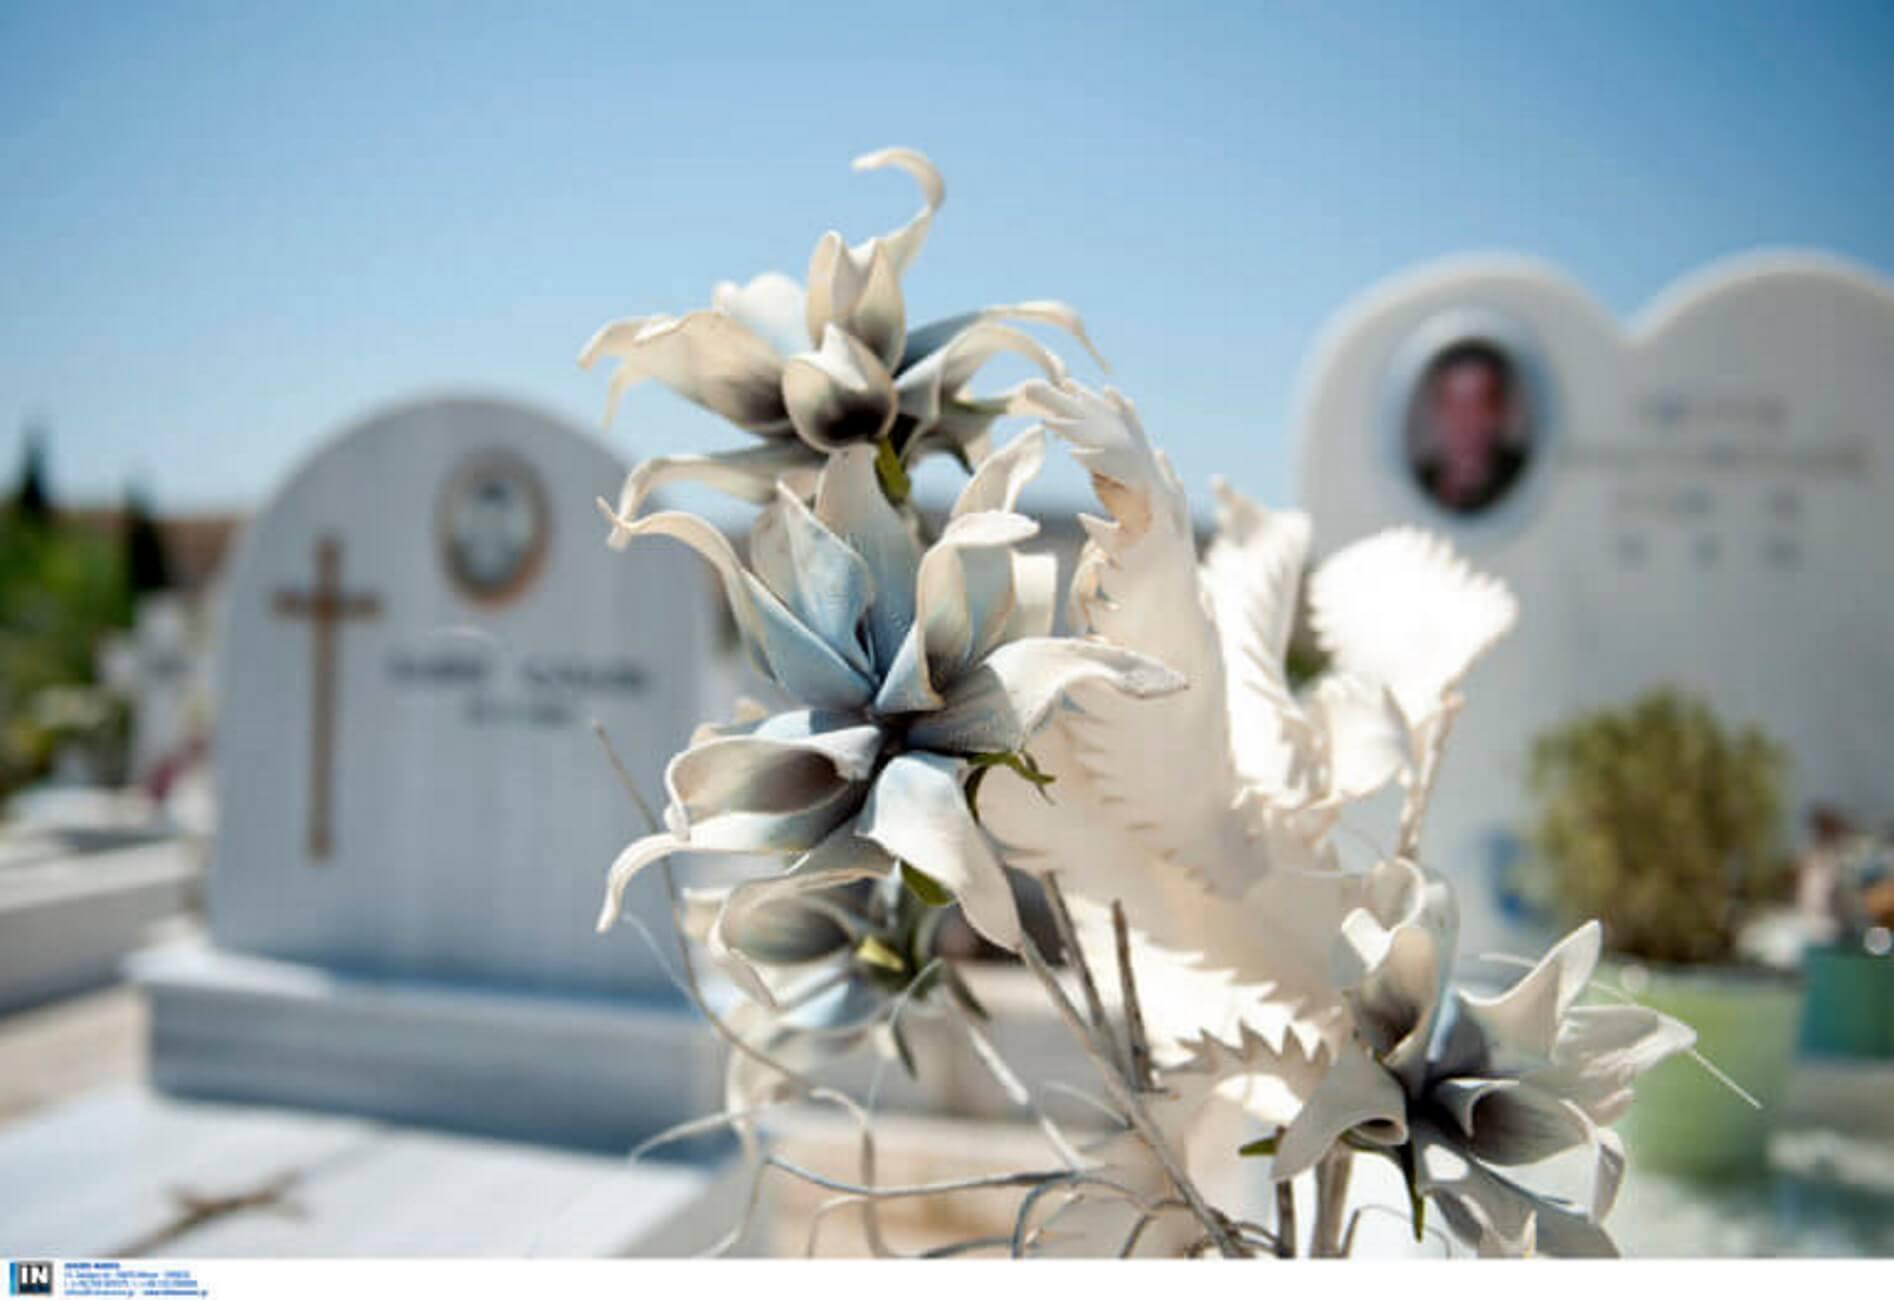 Αδιανόητη τραγωδία στη Μεσσήνη - Εκφώνησε τον επικήδειο του πατέρα του και πέθανε!